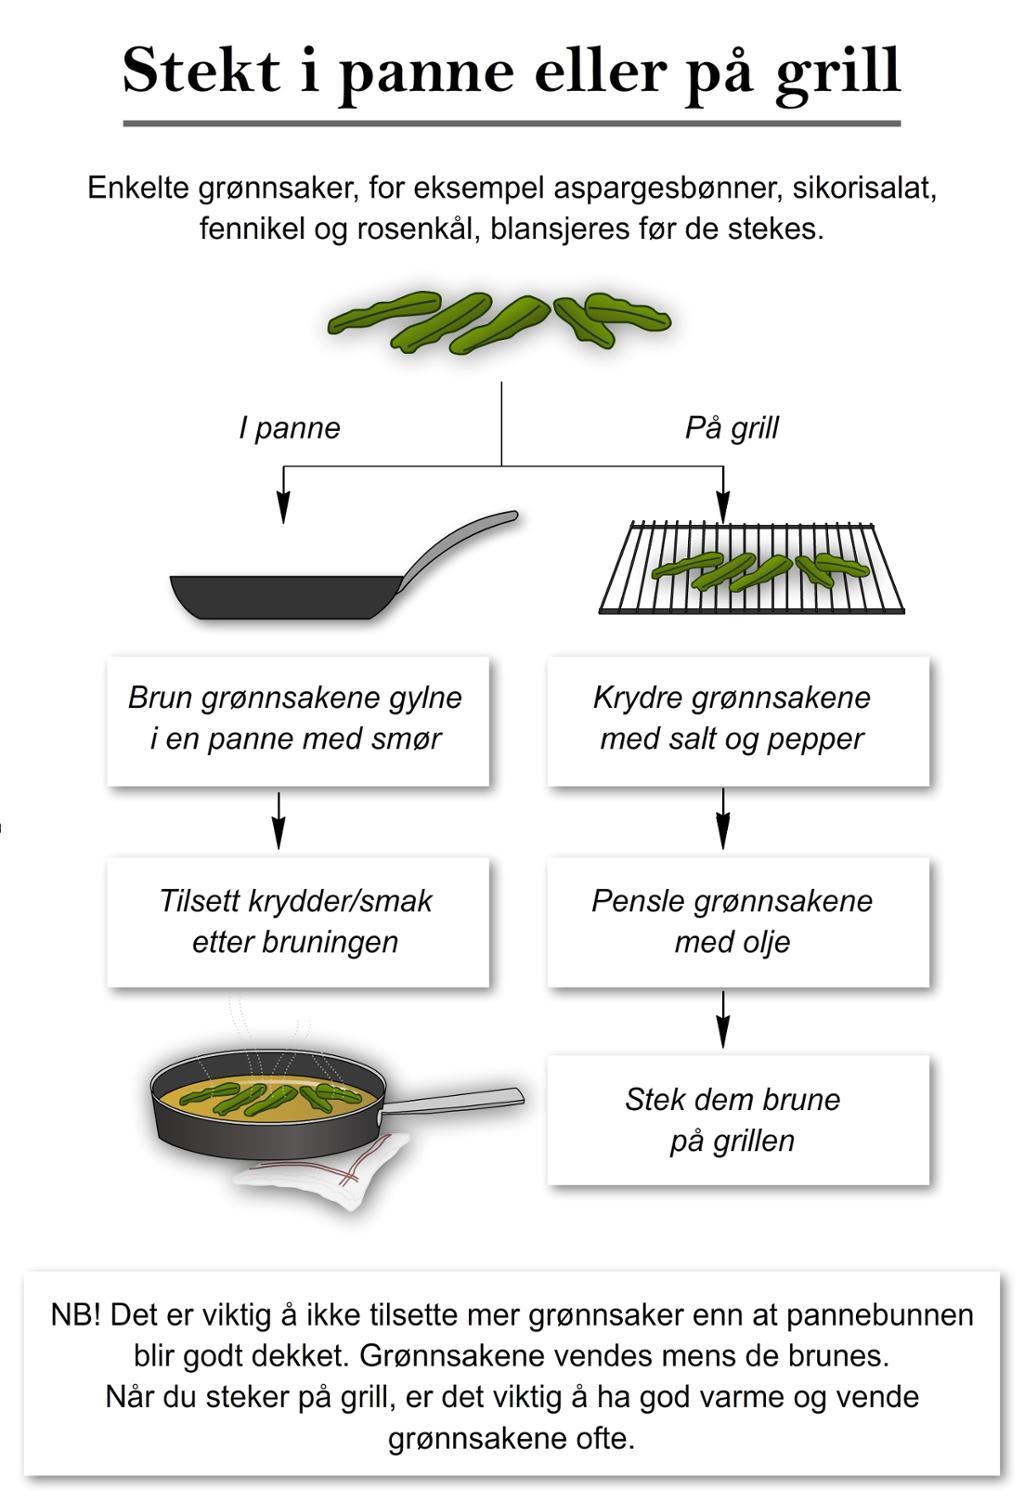 Stekt i panne eller på grill